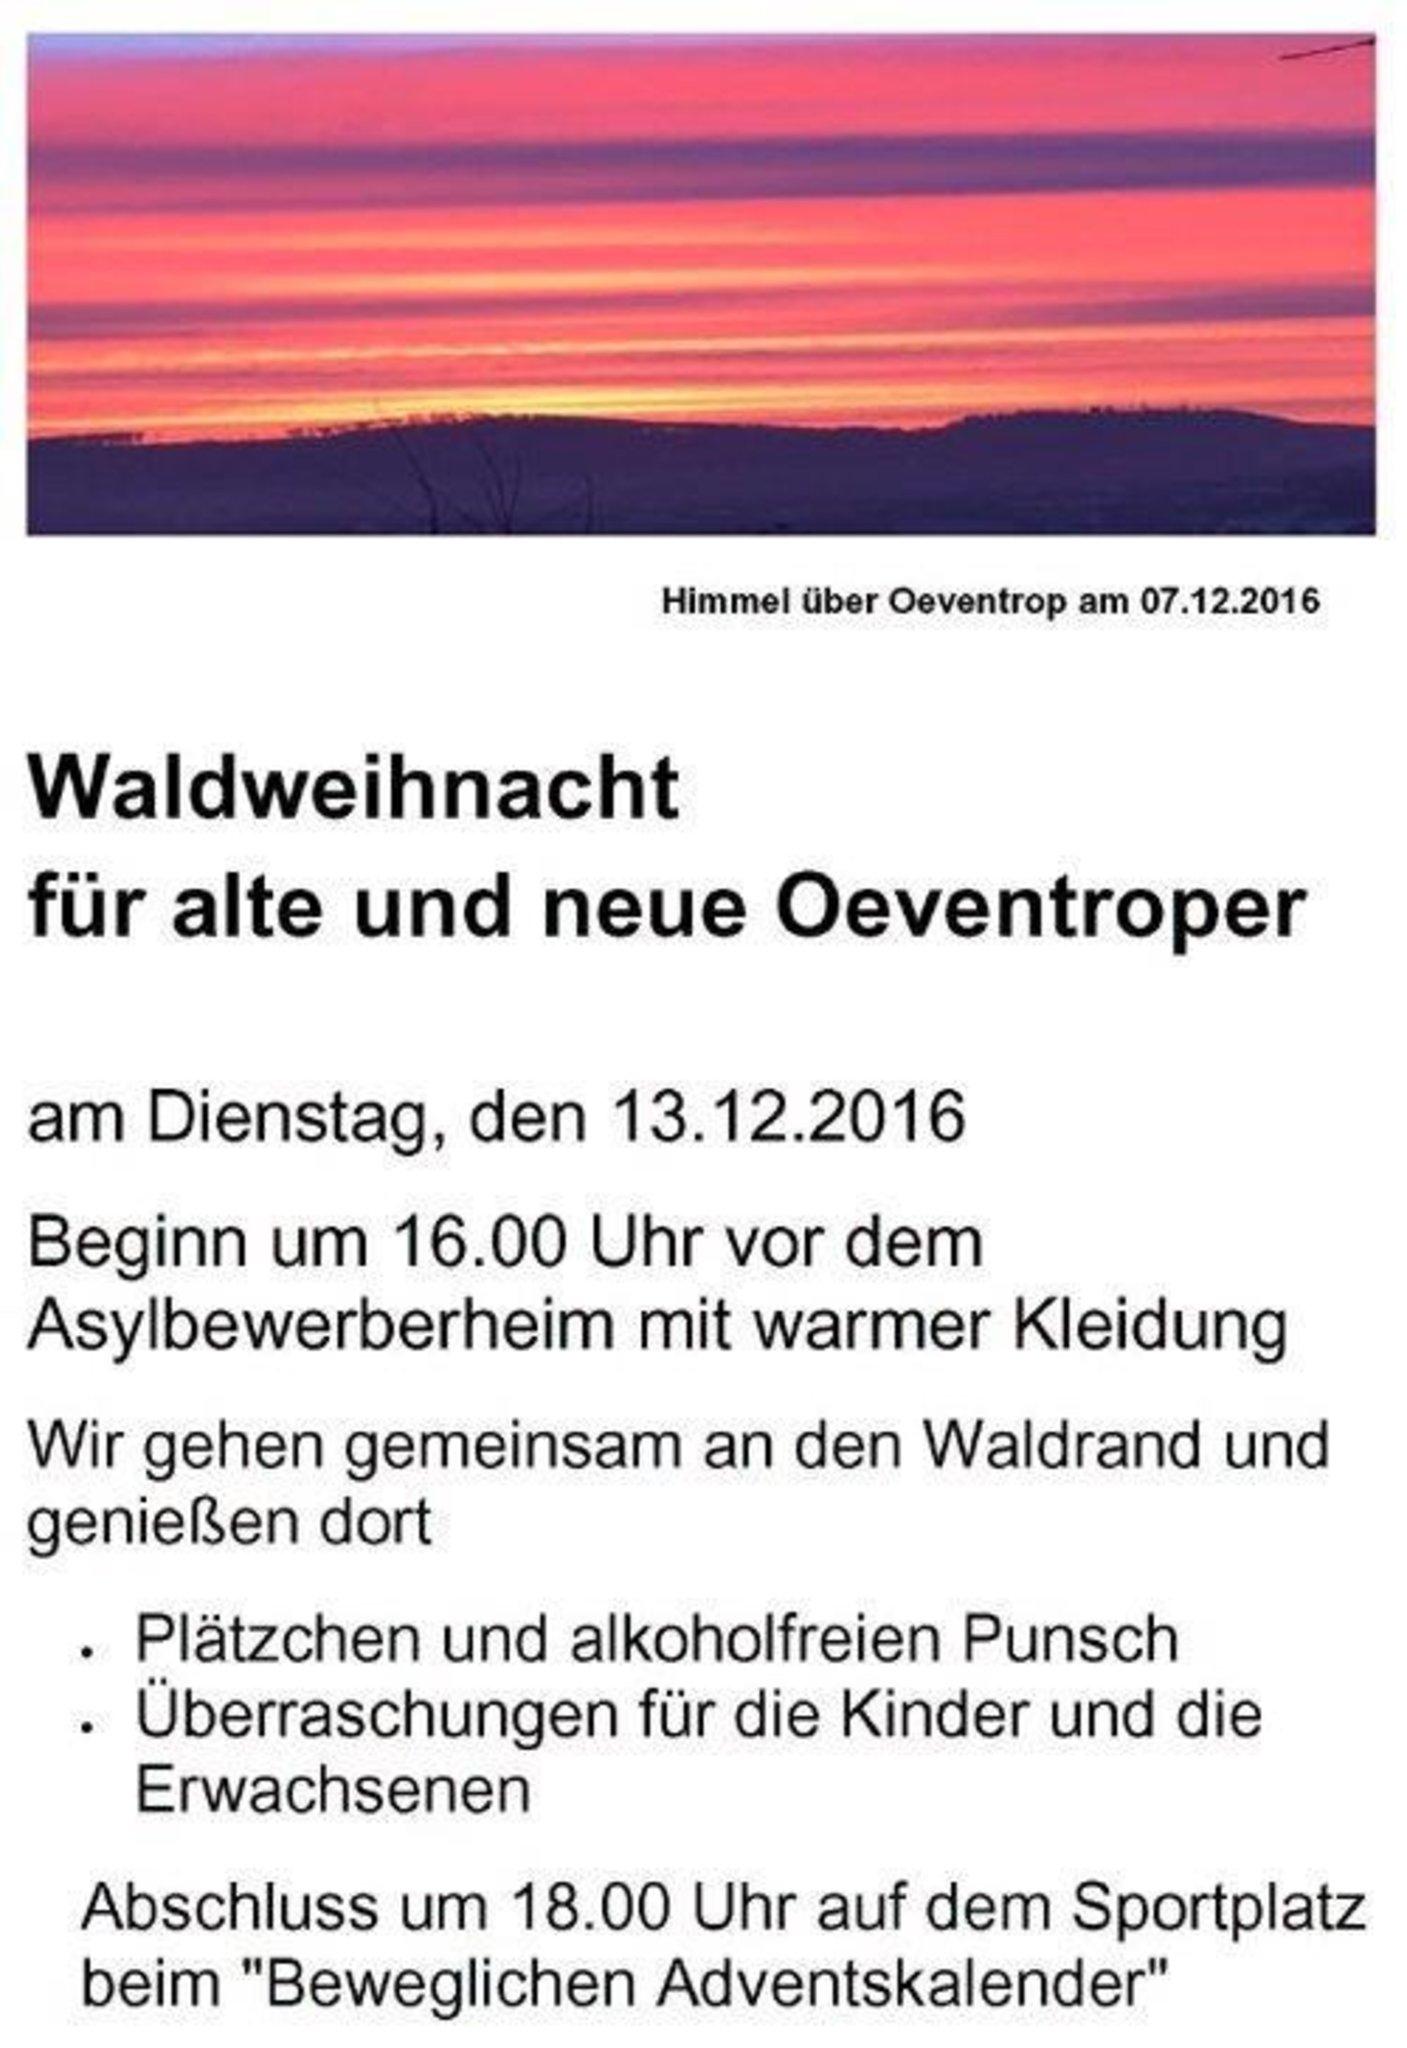 Alte Weihnachtskalender.Waldweihnacht Für Alte Und Neue Oeventroper Arnsberg